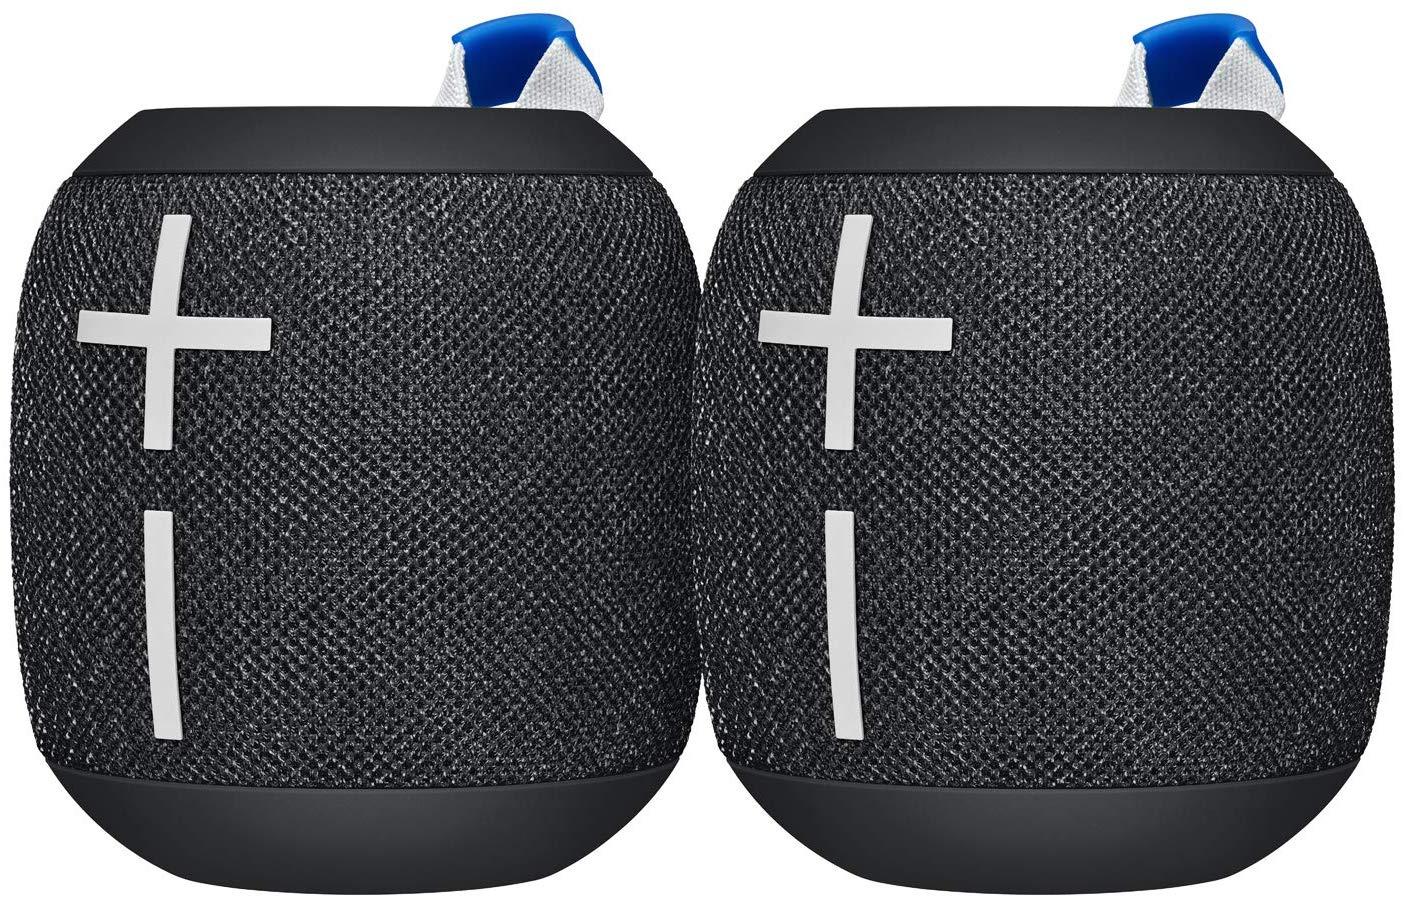 Pack de 2 Enceintes Bluetooth Ultimate Ears Wonderboom 2 - Deep Space Black